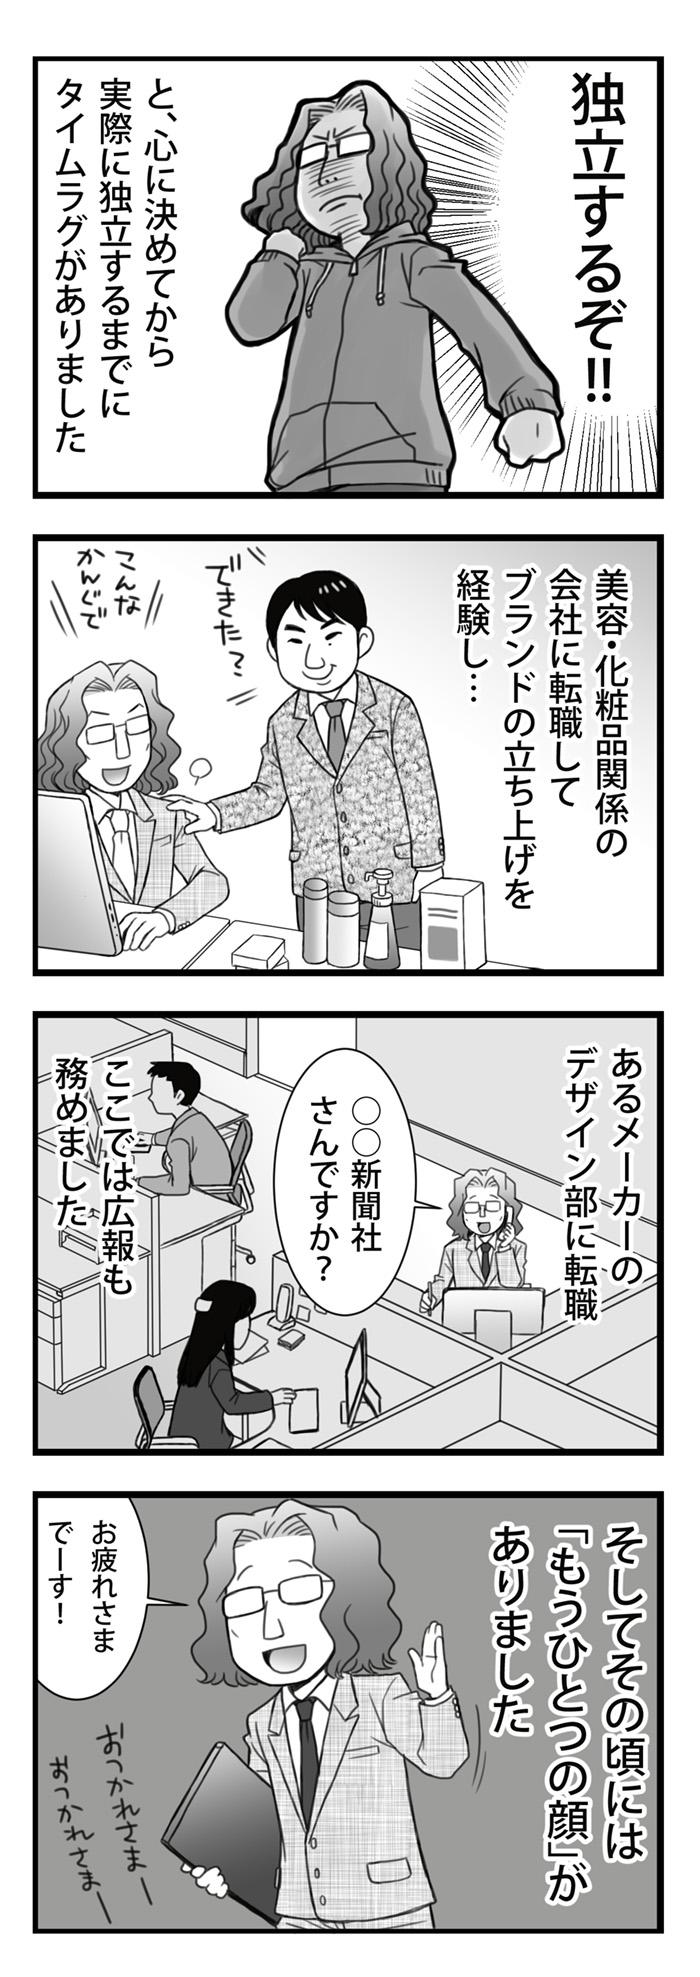 漫画 頑張れデザイナー21